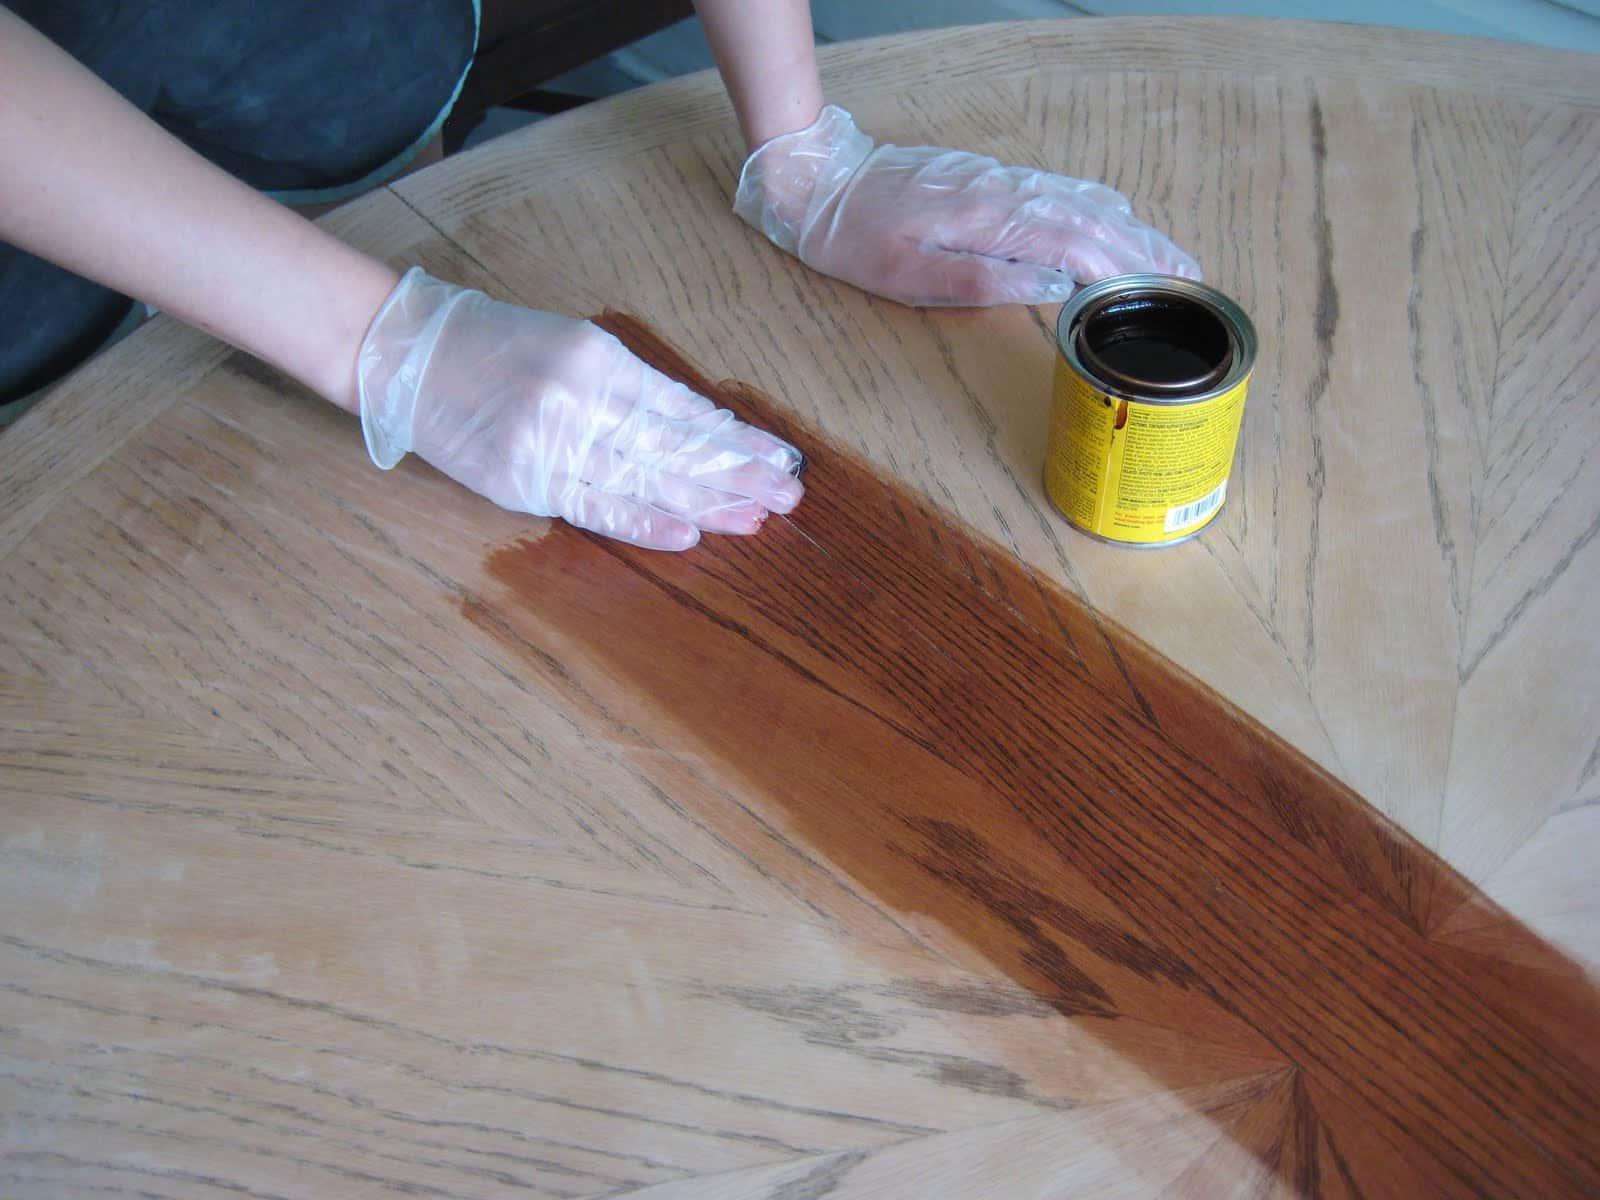 Dịch vụ sửa chữa đồ gỗ tại nhà Hà Nội (7)